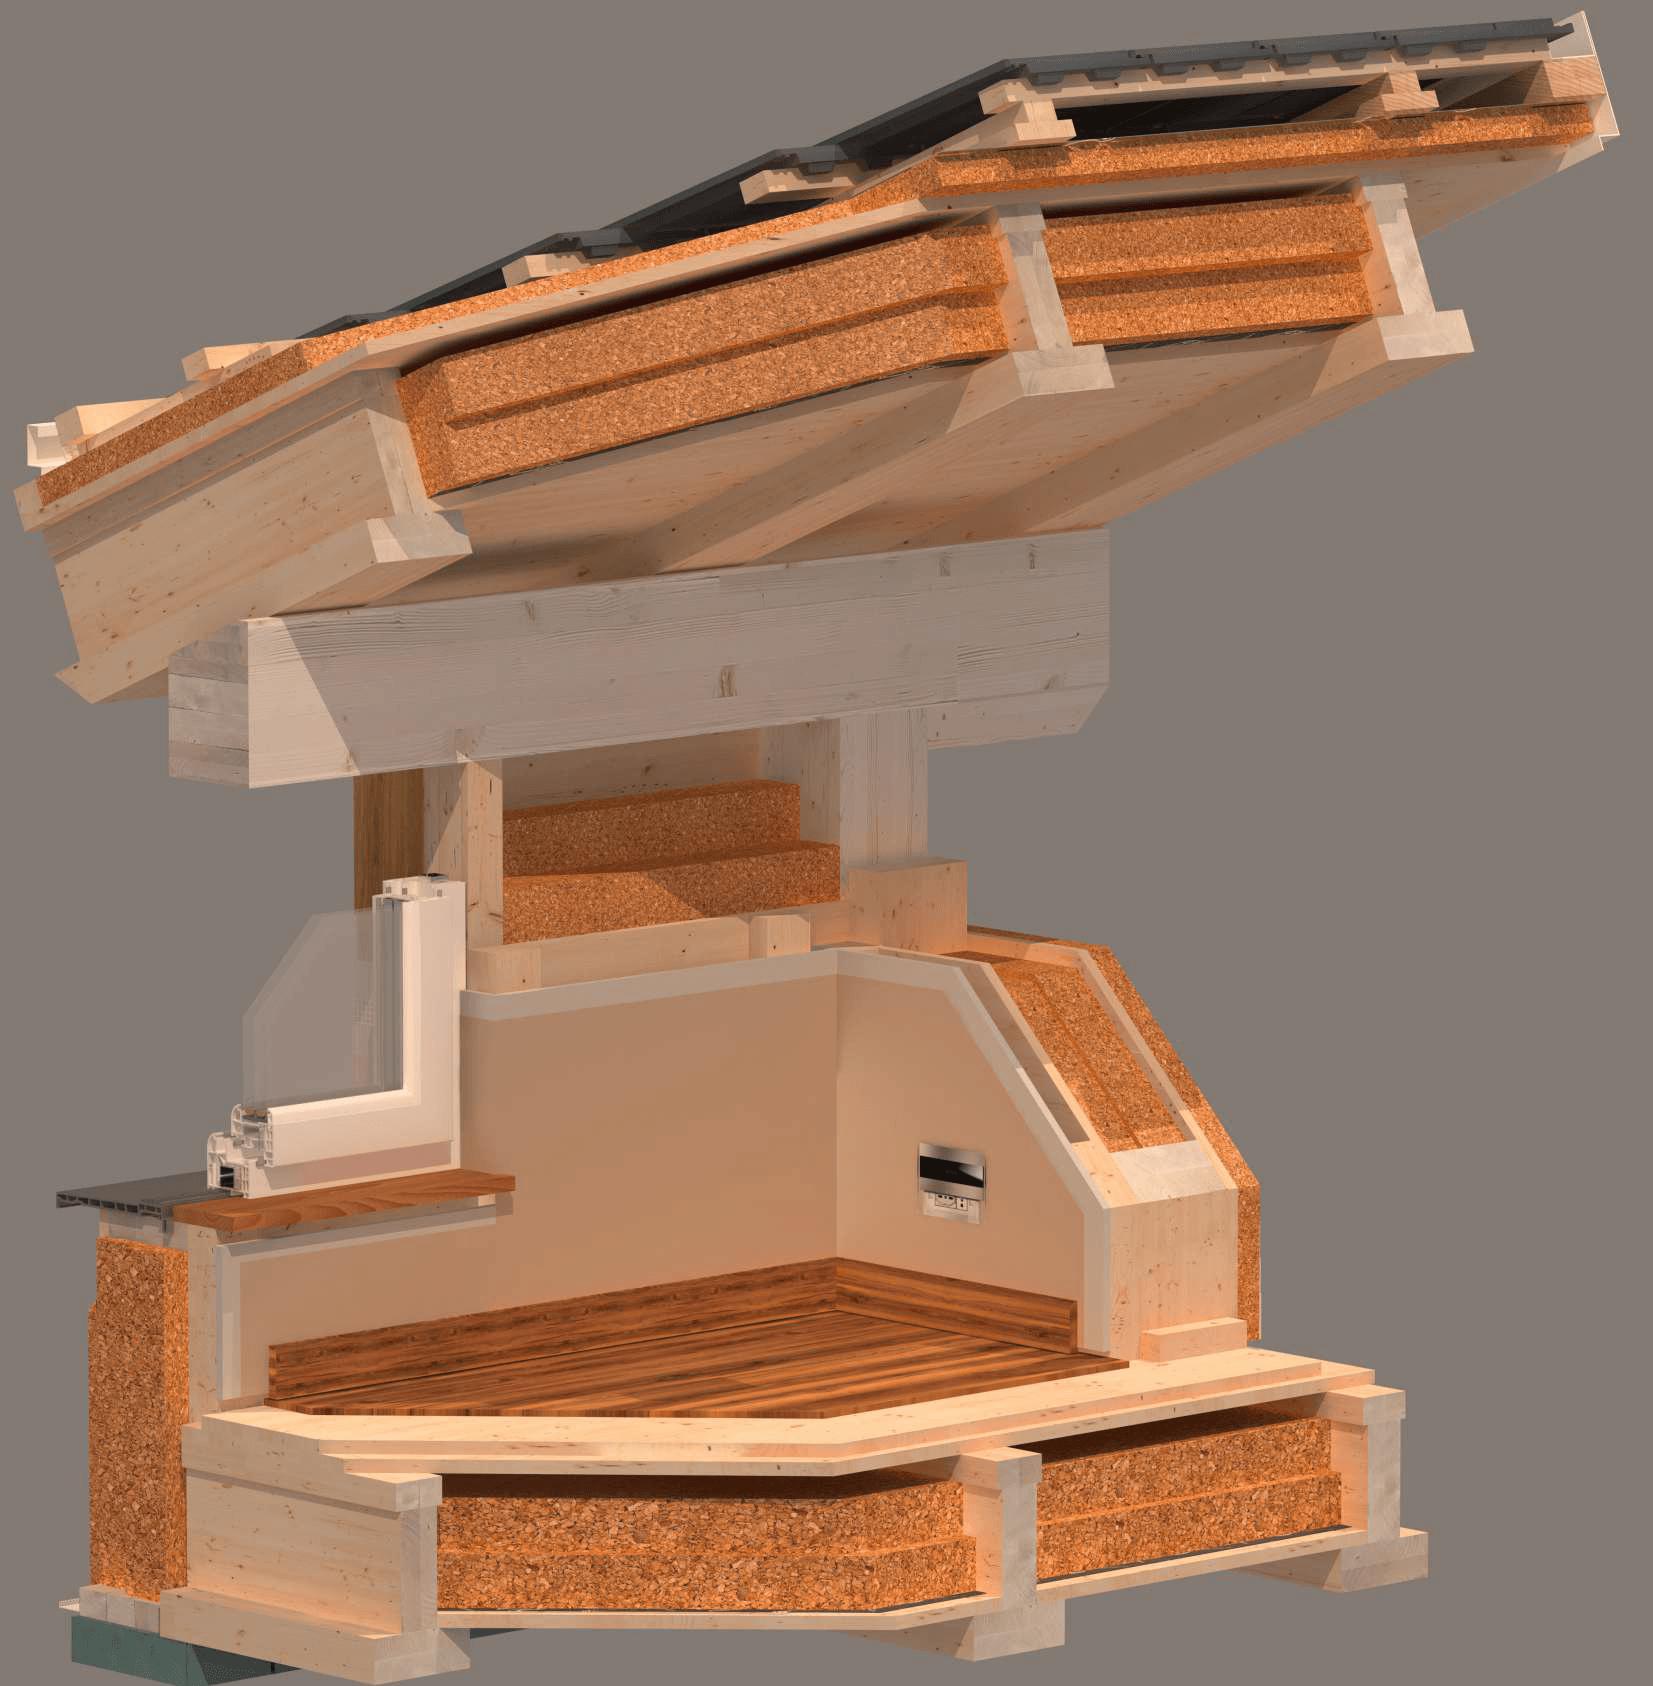 Solaio In Legno Lamellare Autoportante metodo costruttivo x-frame per case prefabbricate in legno